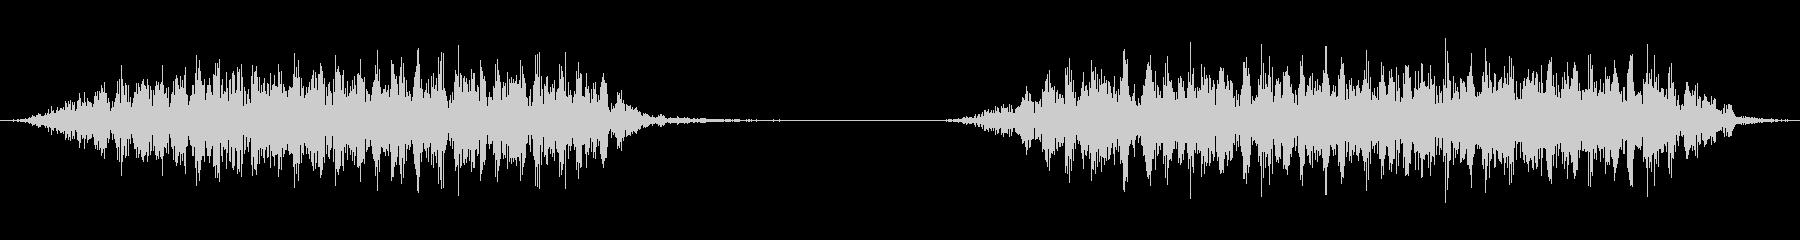 大型ライブスチームモデルトレイン、...の未再生の波形